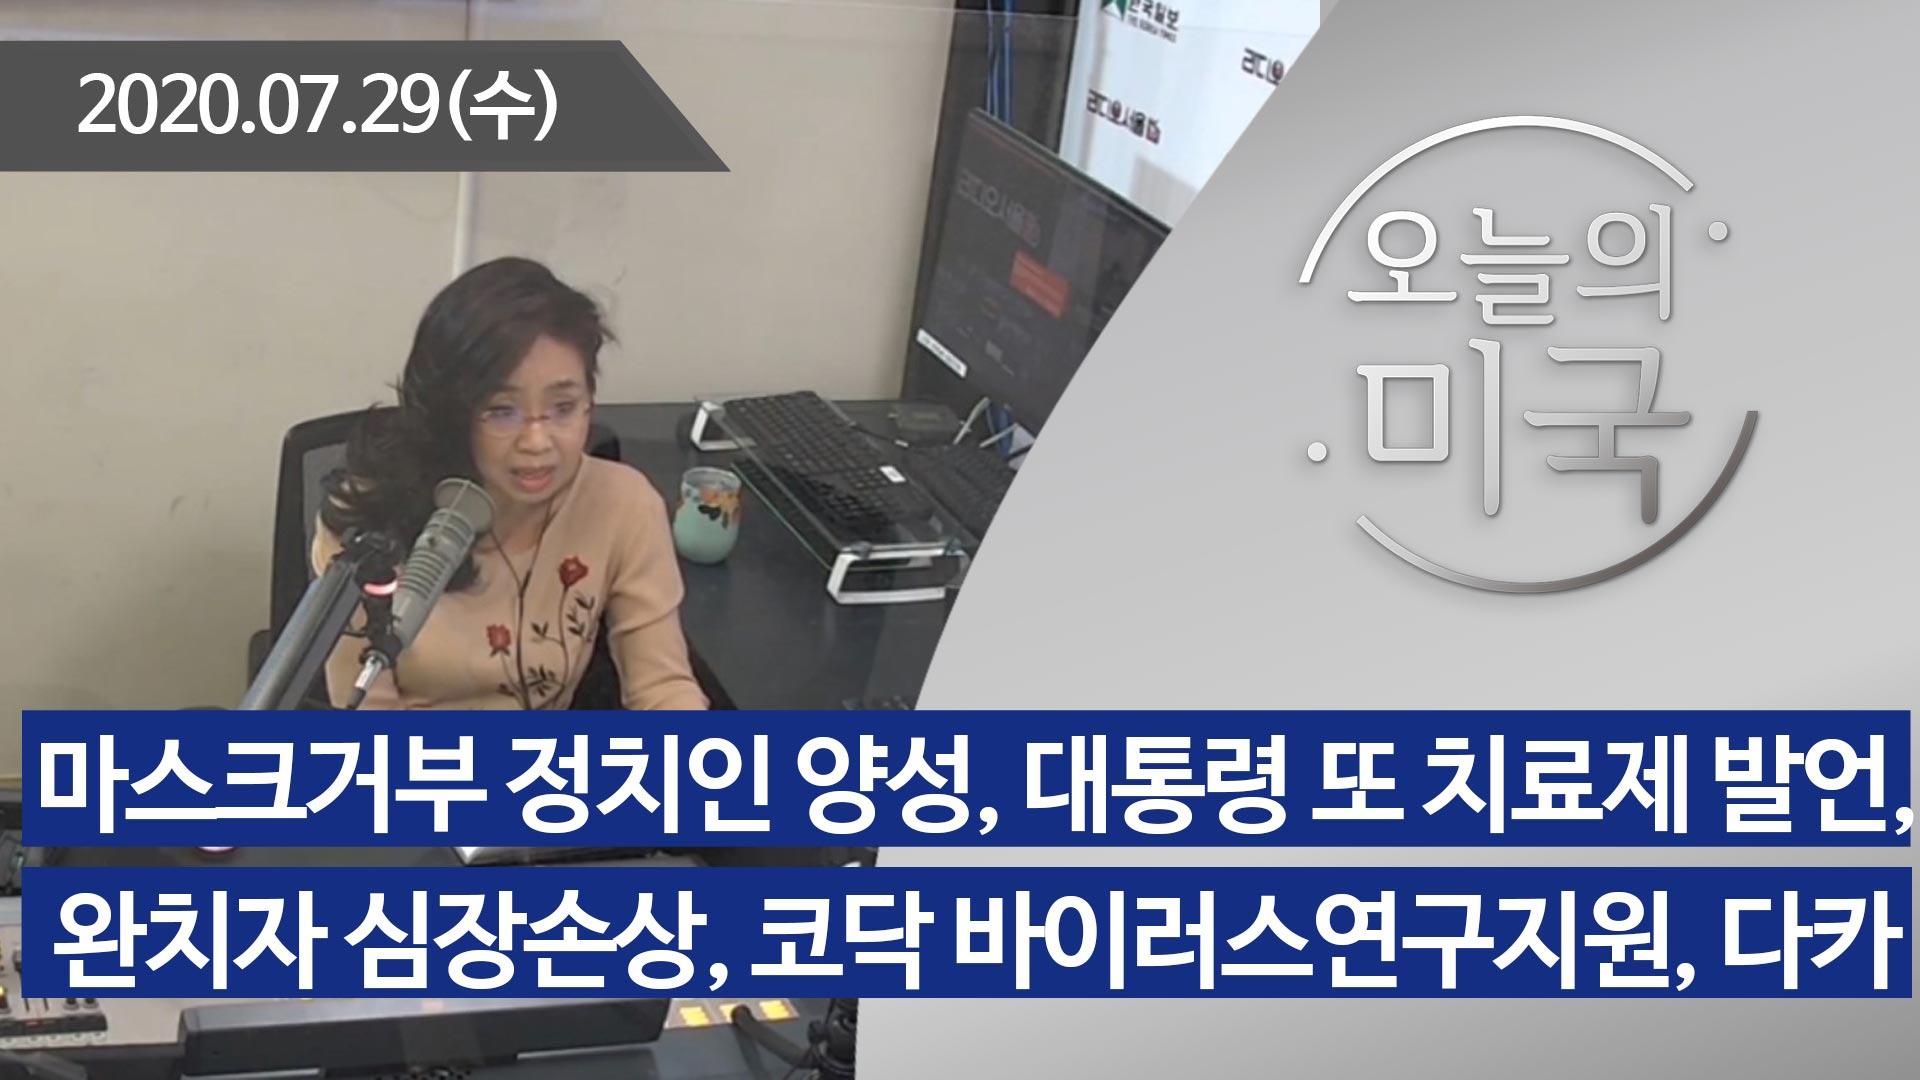 강혜신의 오늘의 미국 (07.29.2020)